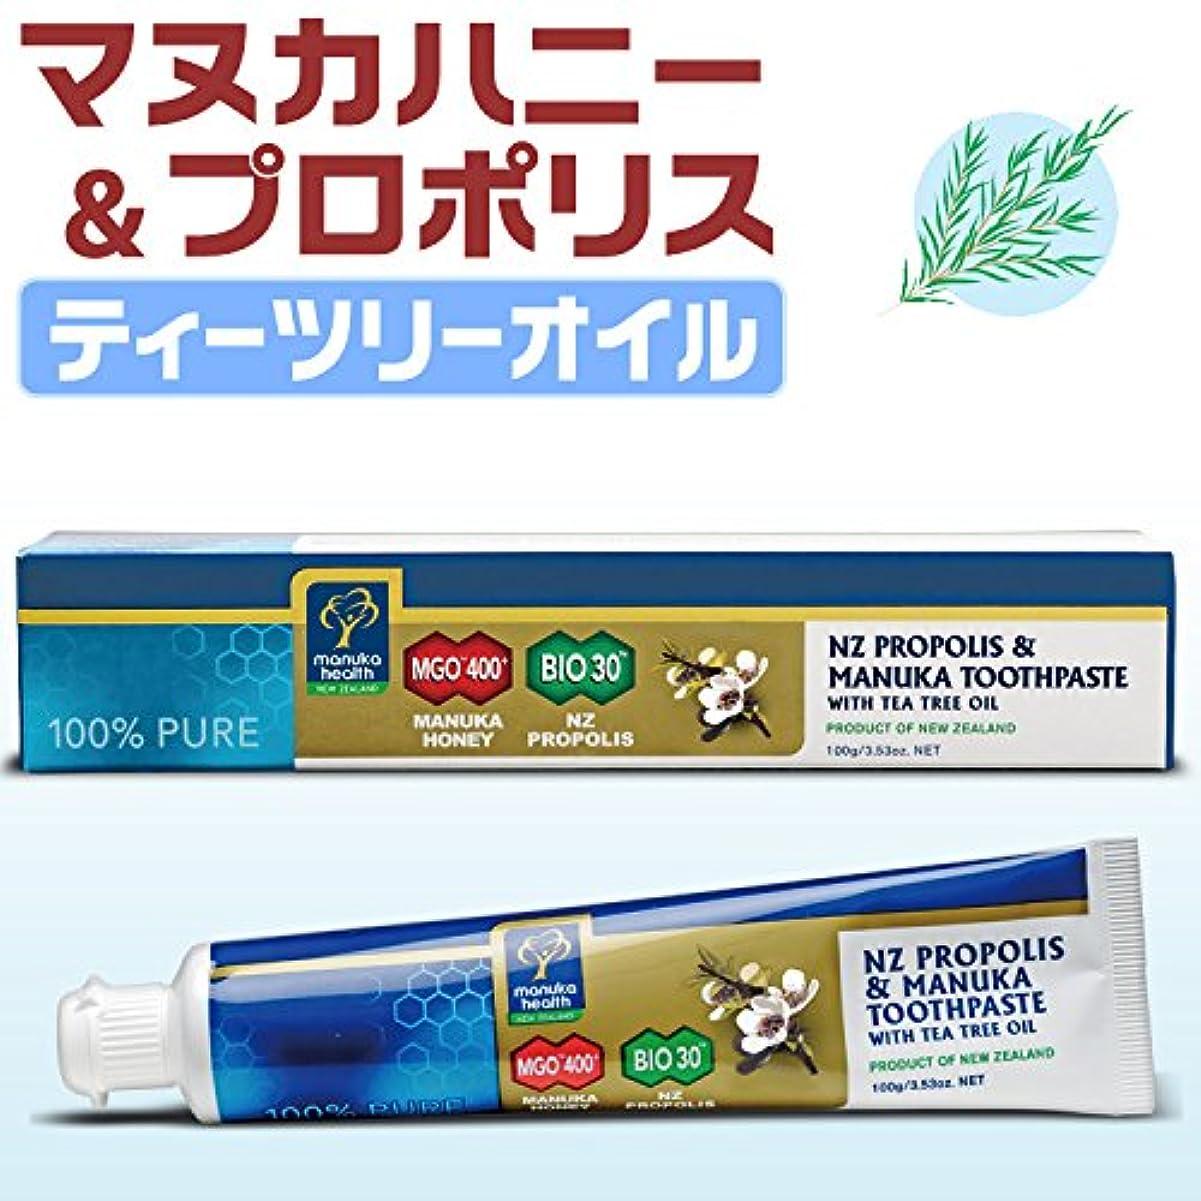 ピンチ石炭入場料プロポリス&マヌカハニー MGO400+ ティーツリーオイル 歯磨き粉 [100g]青